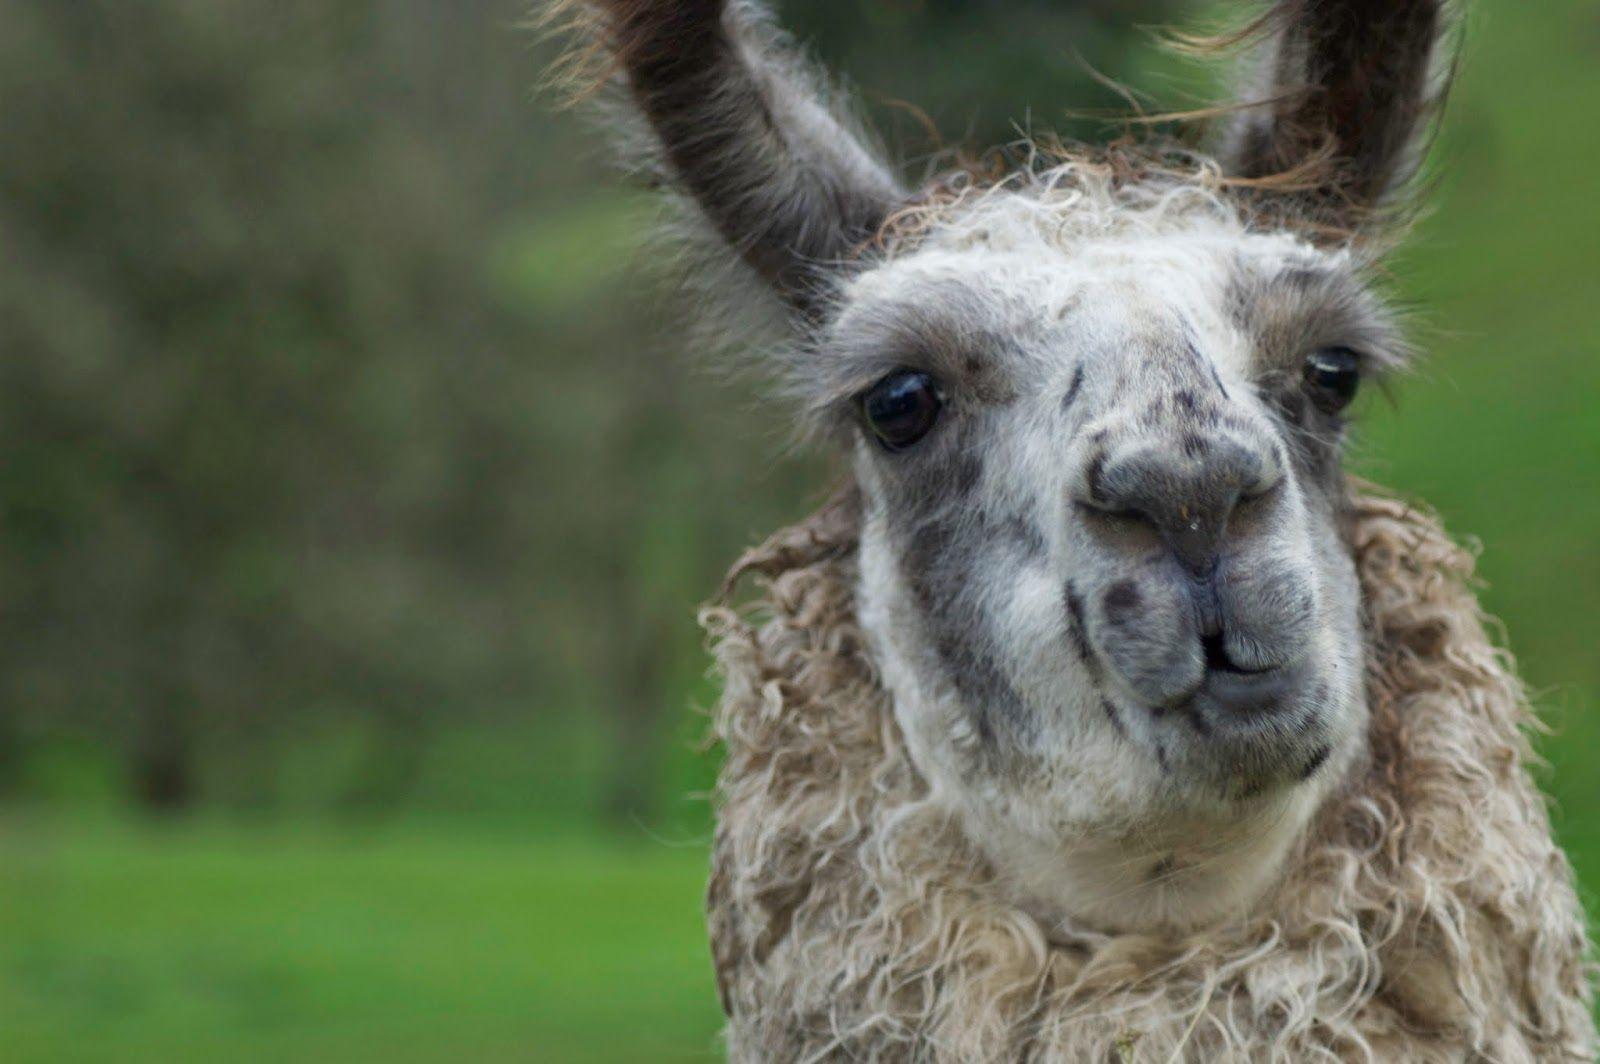 Annabanana: Hungry Llamas